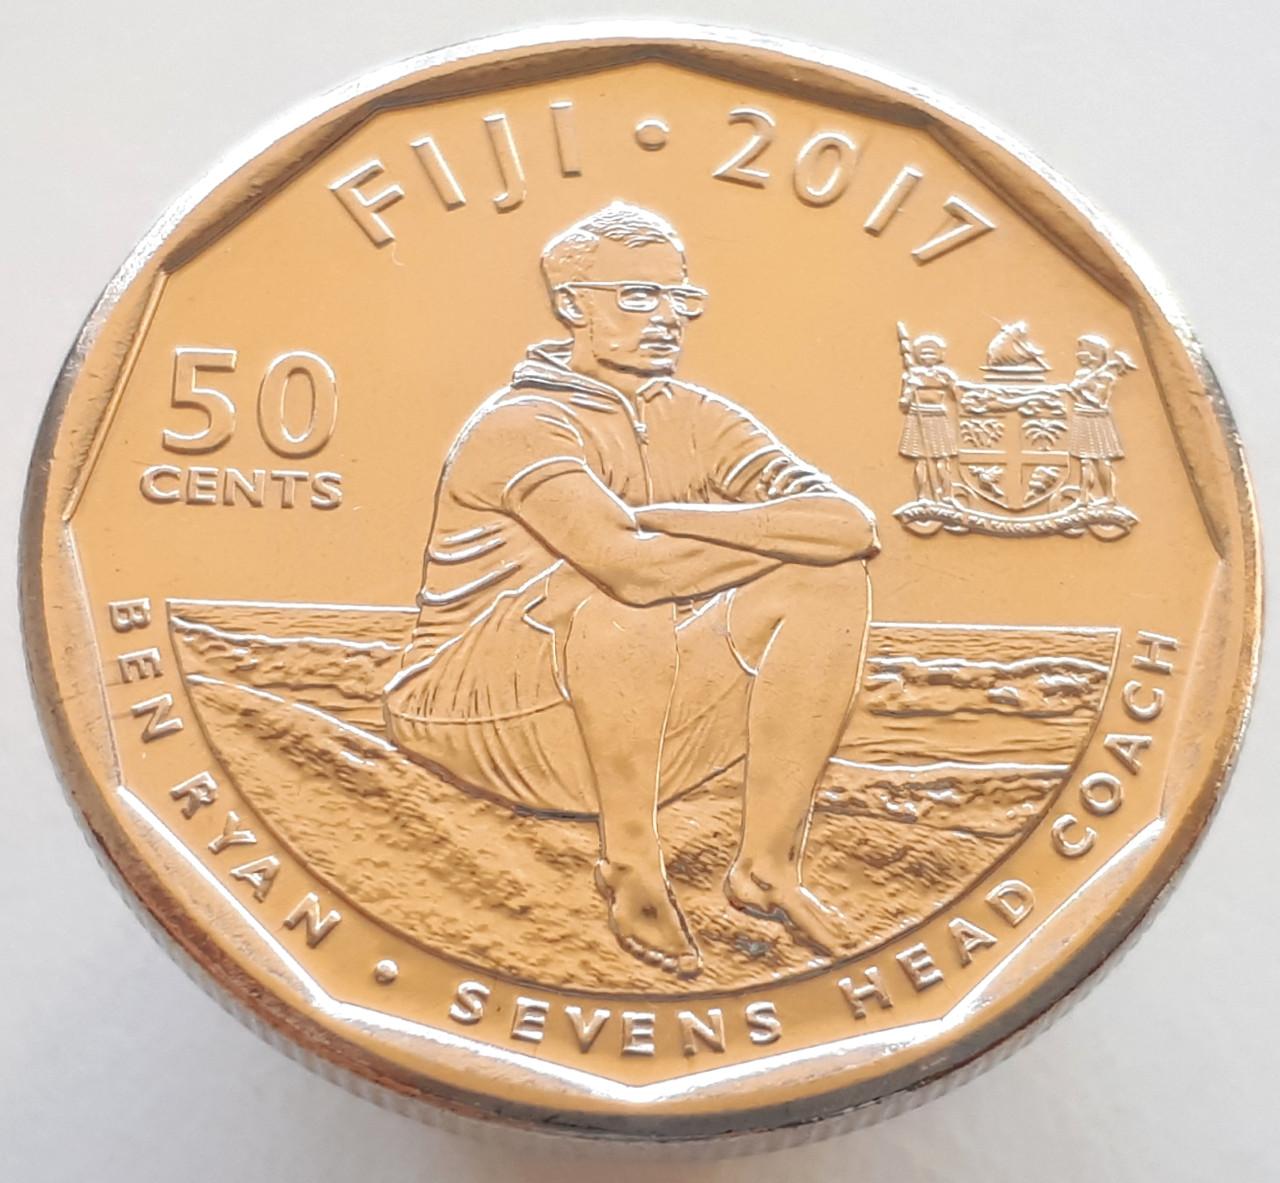 Фиджи 50 центов 2017 - Команда Фиджи по регби 7 чемпионы Олимпиады 2016